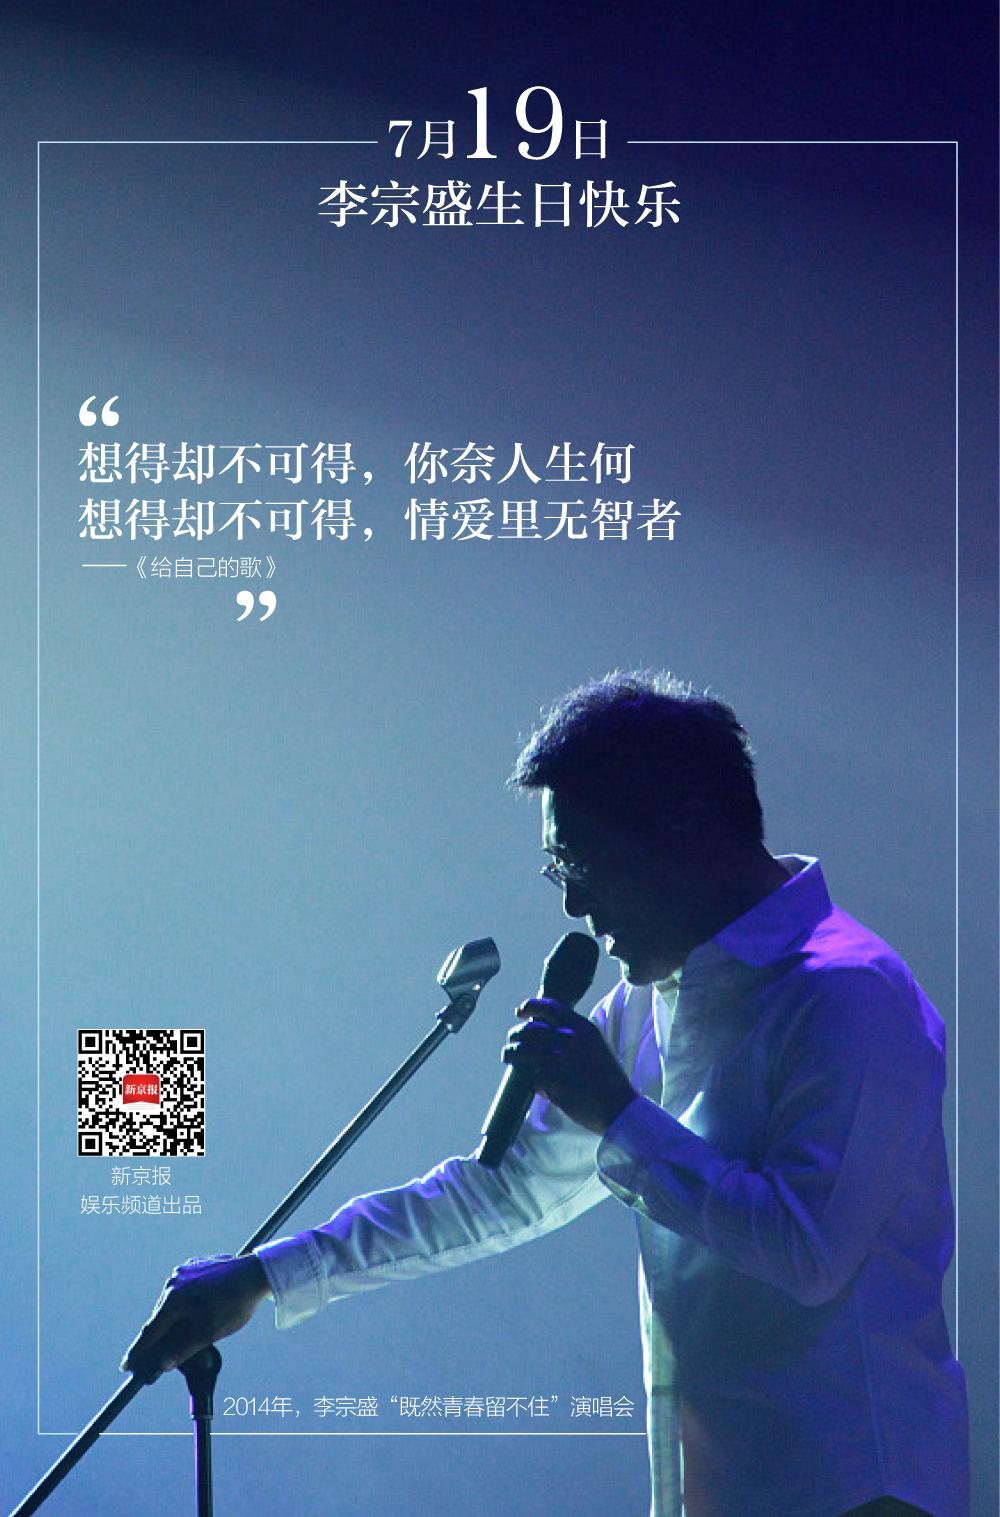 http://www.weixinrensheng.com/shishangquan/427604.html